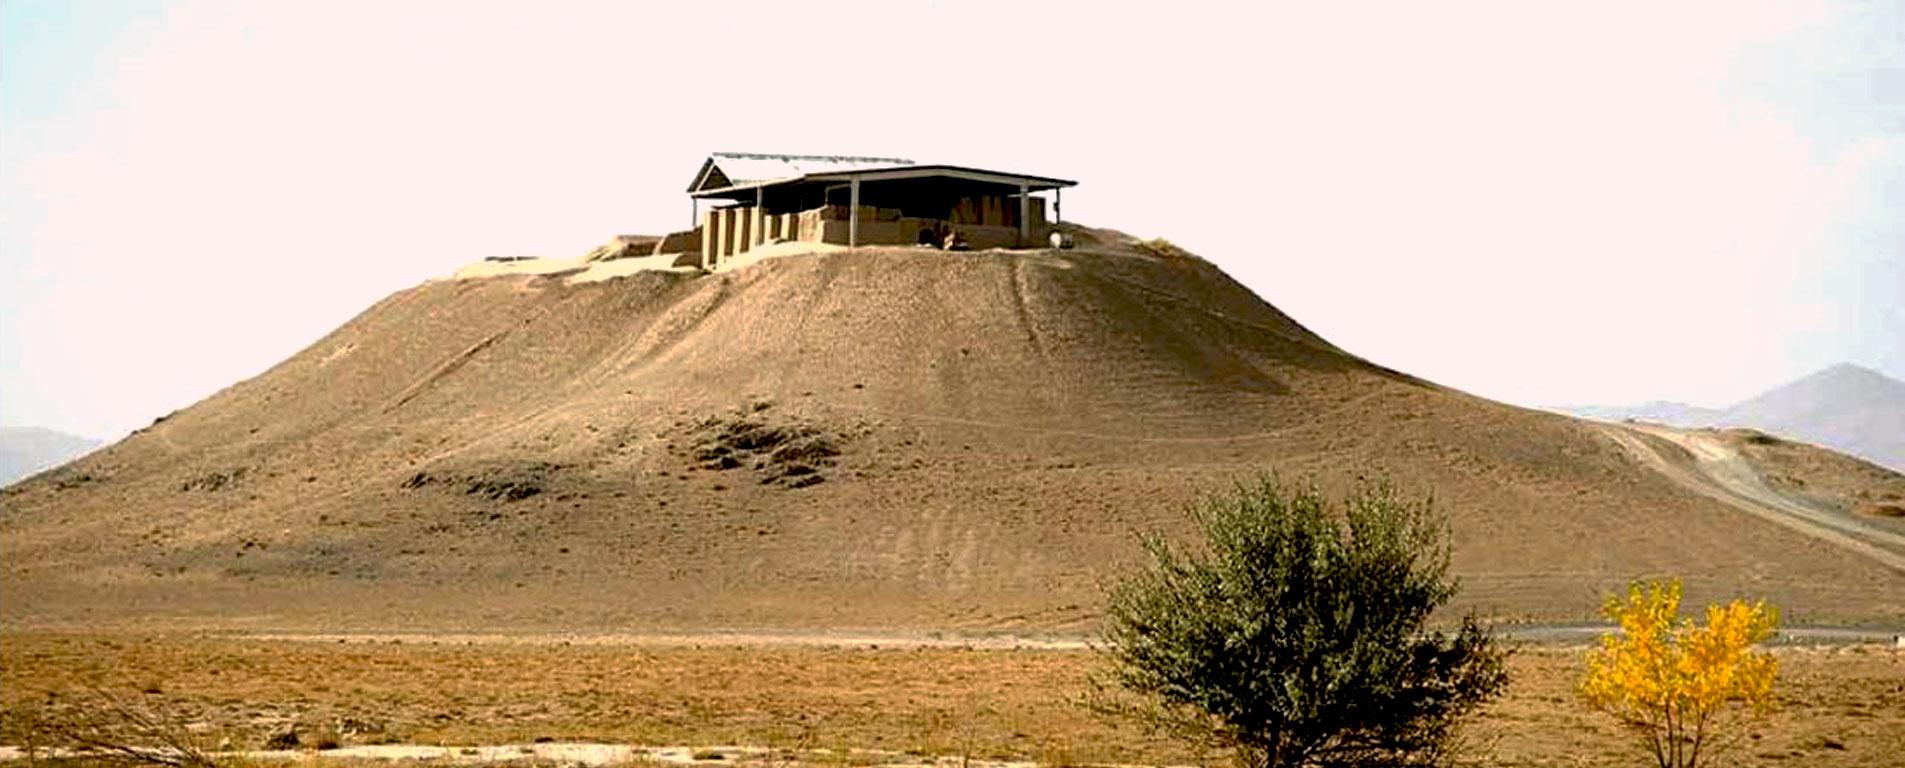 ارگ تاریخی نوشیجان ؛ بنایی به قدمت ایران